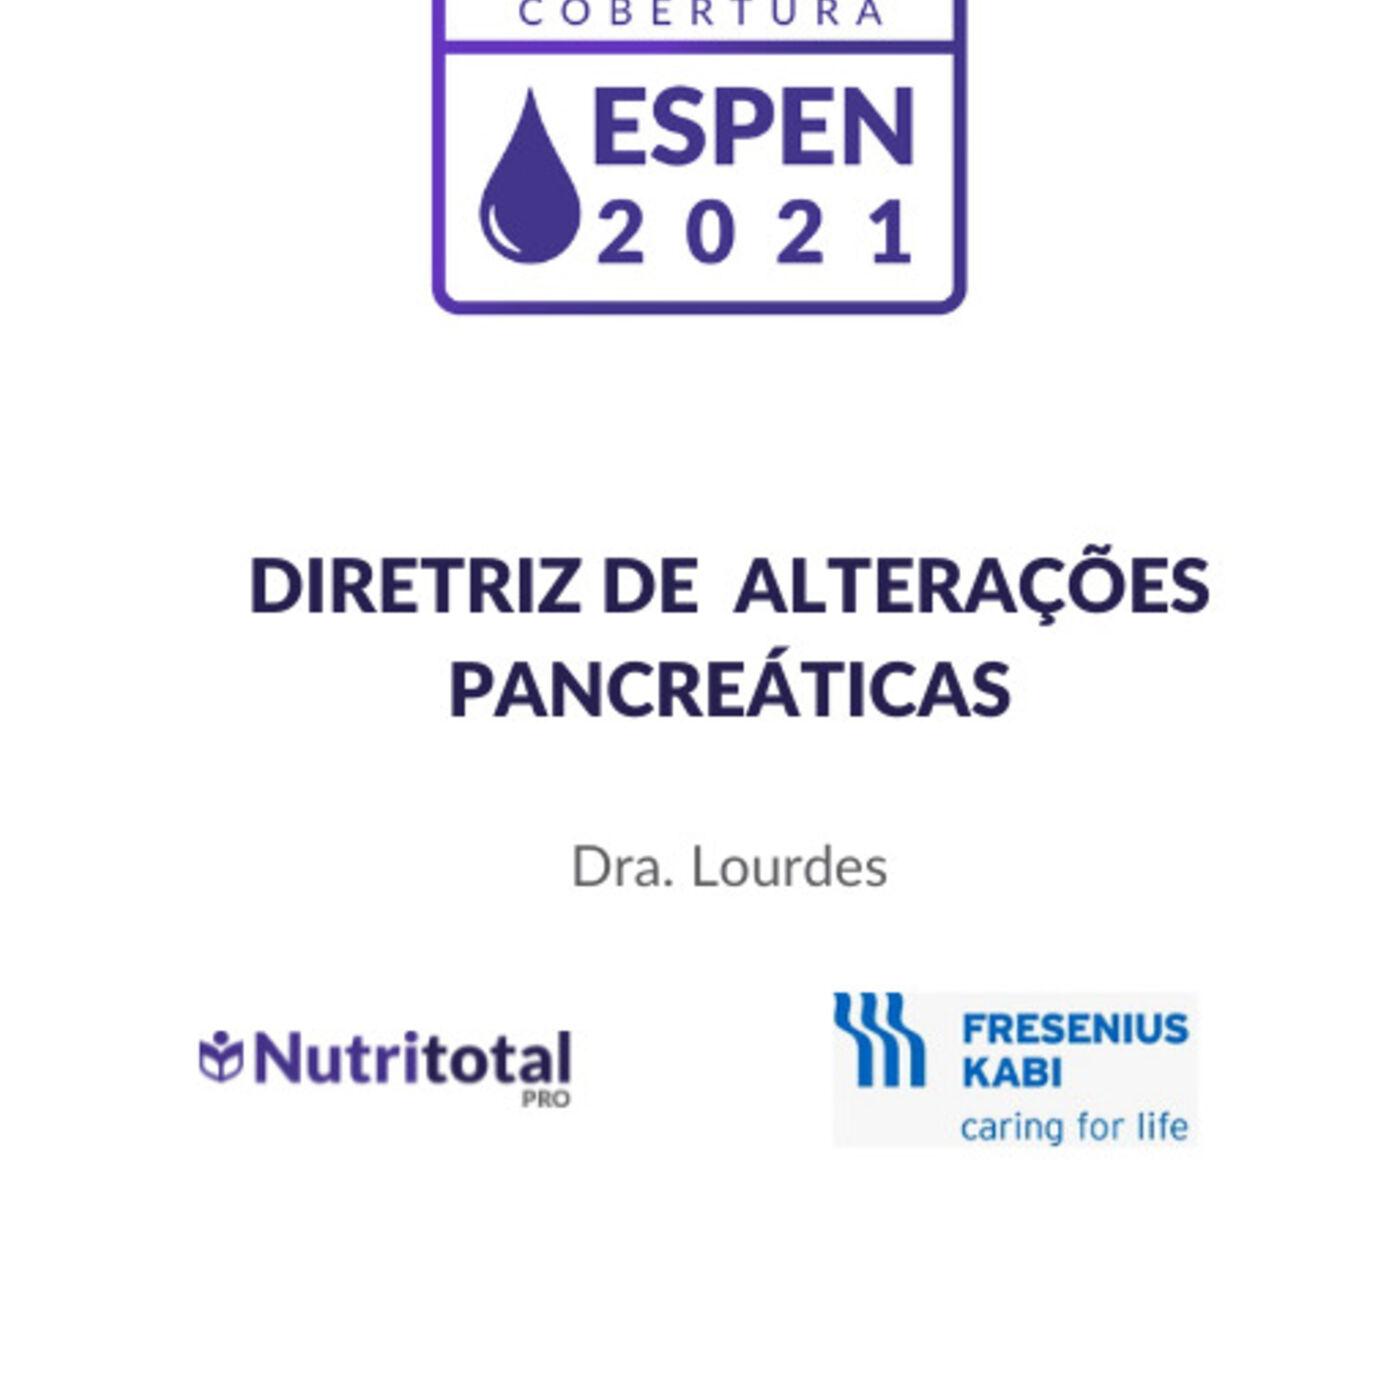 Congresso ESPEN 2021: Diretriz de alterações pancreáticas